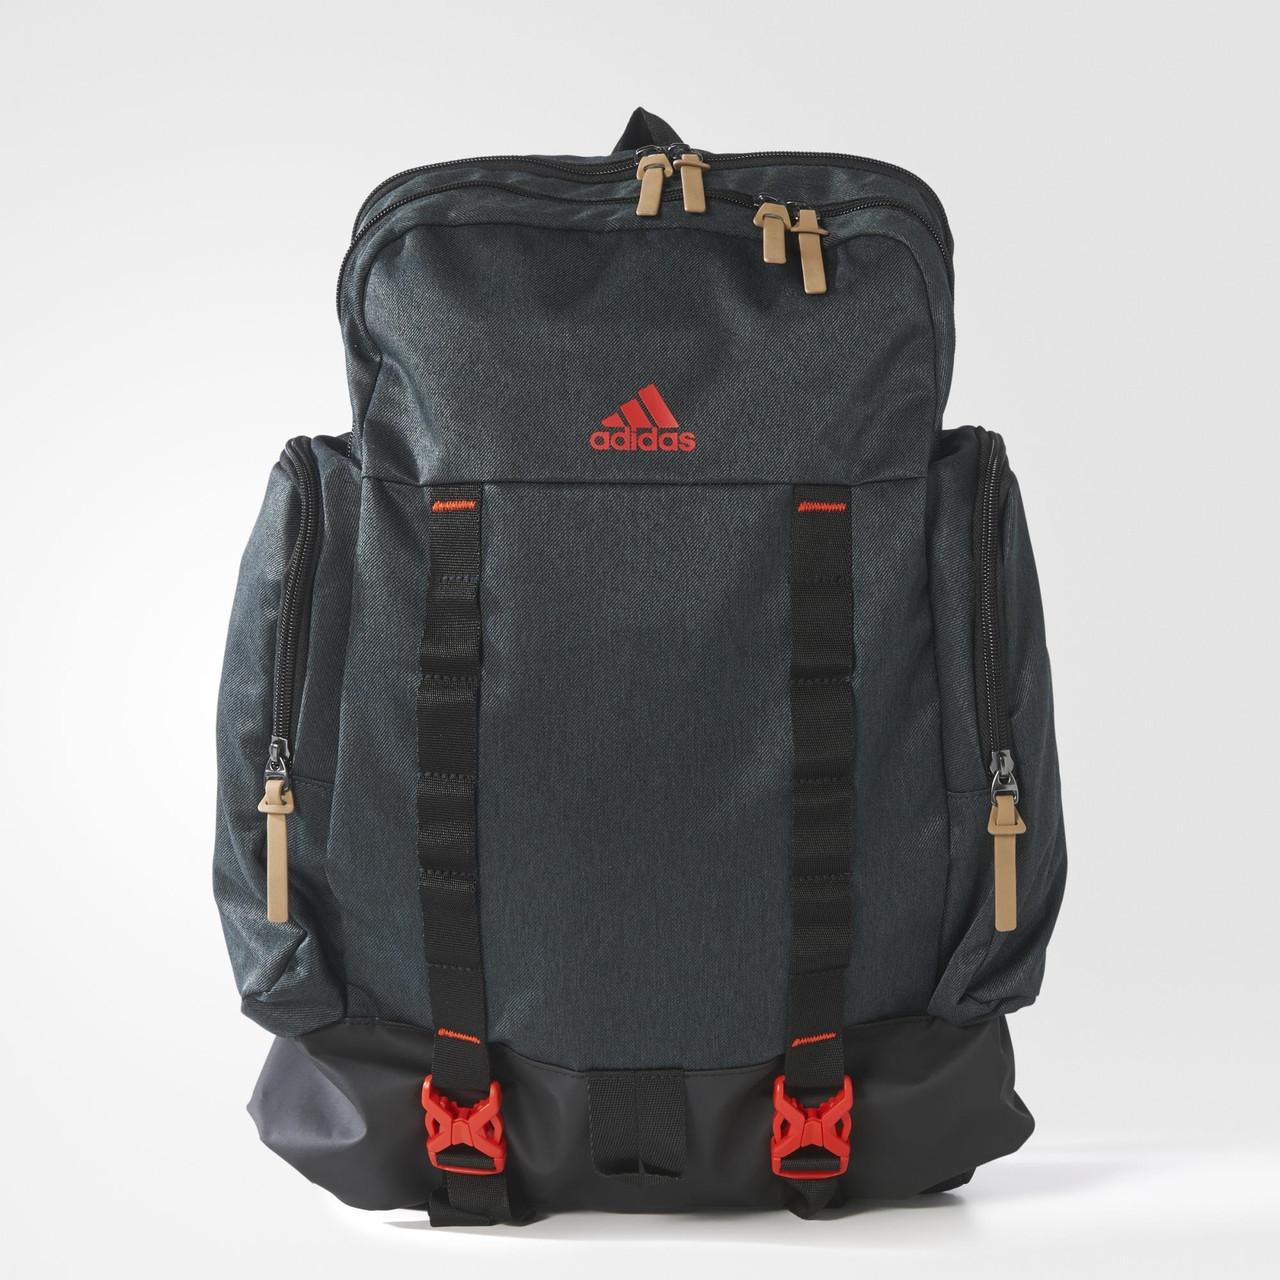 Спортивный рюкзак Adidas All outdoor casual